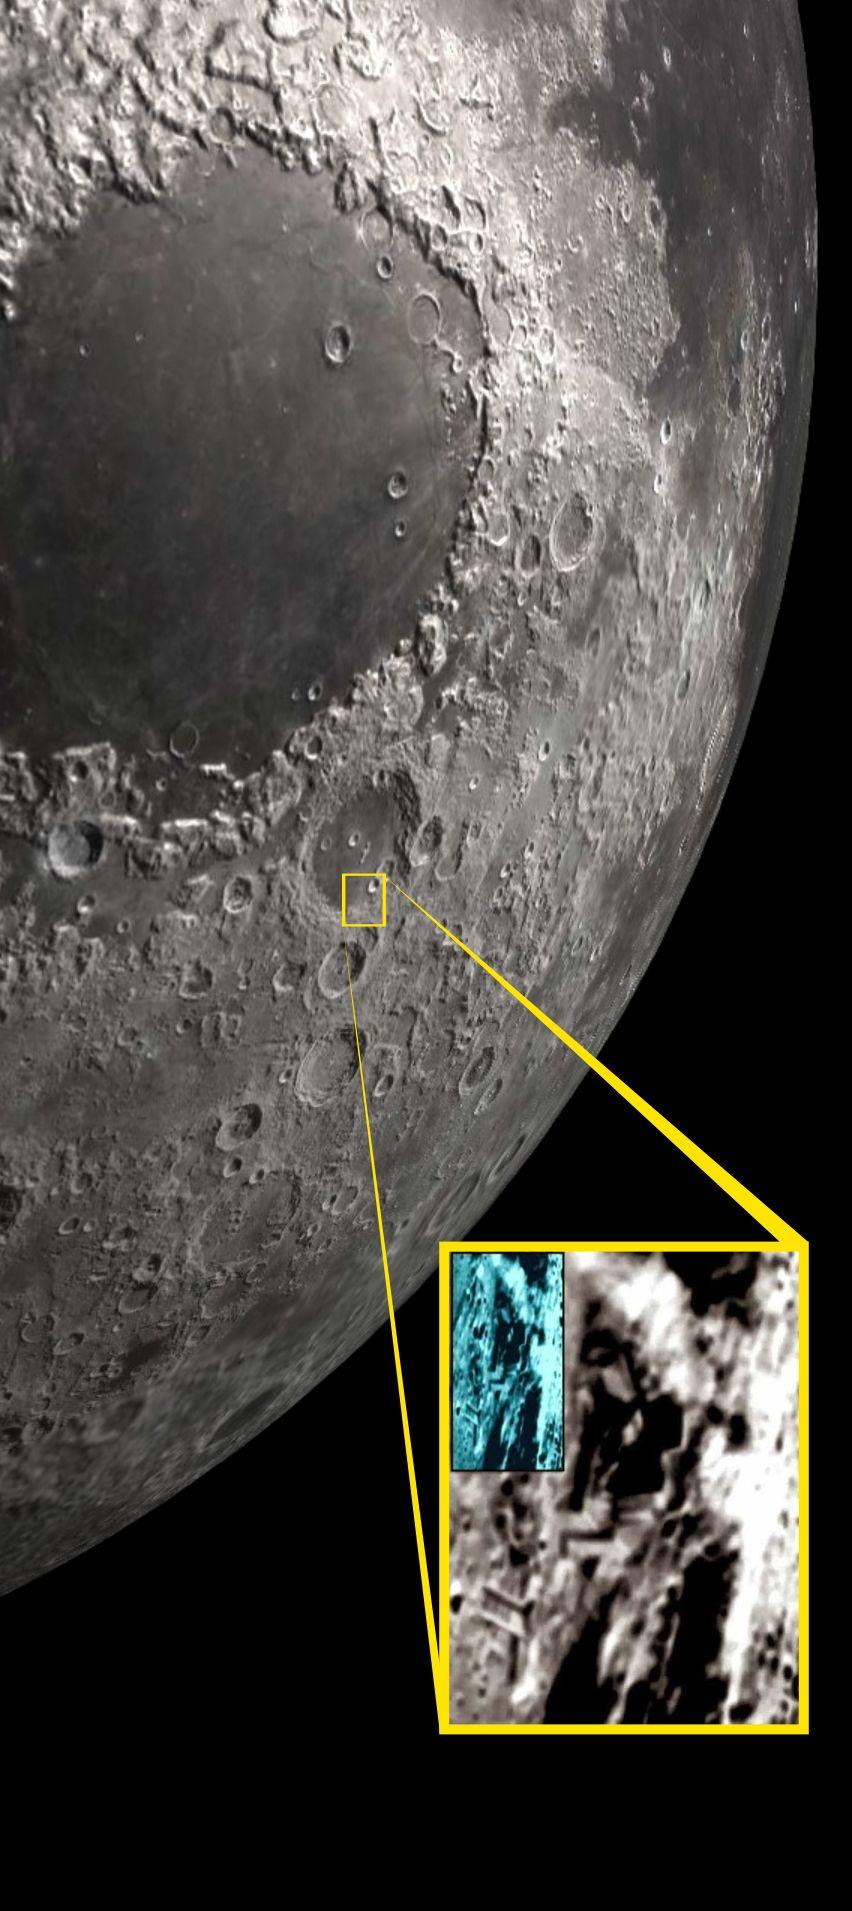 moon base materials - photo #32